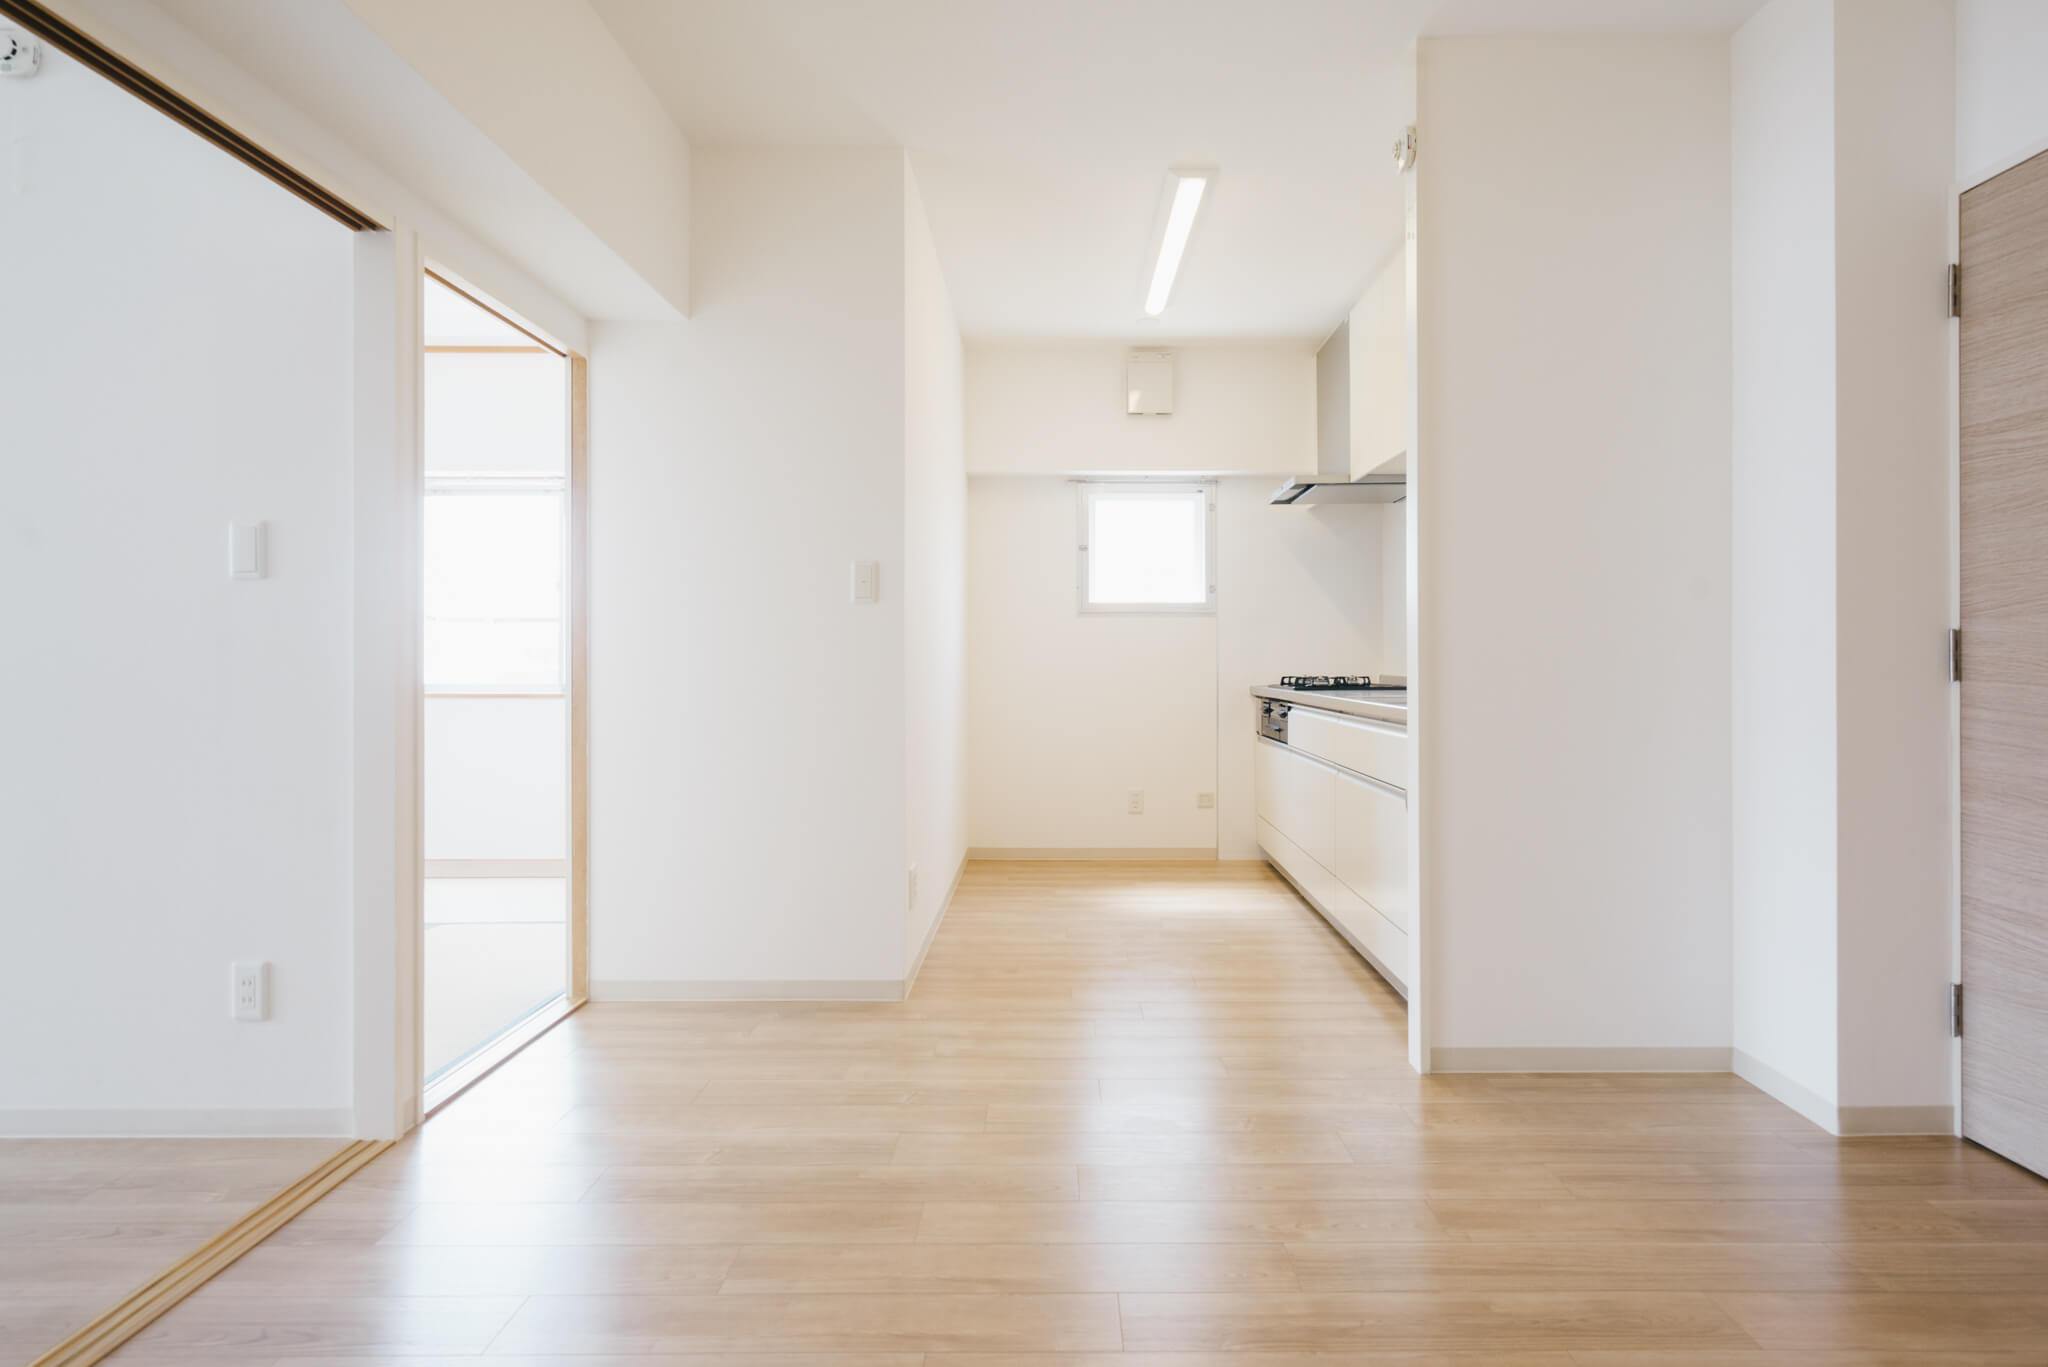 シンプルで、ナチュラルな白を基調にした空間です※画像は3DKのお部屋です